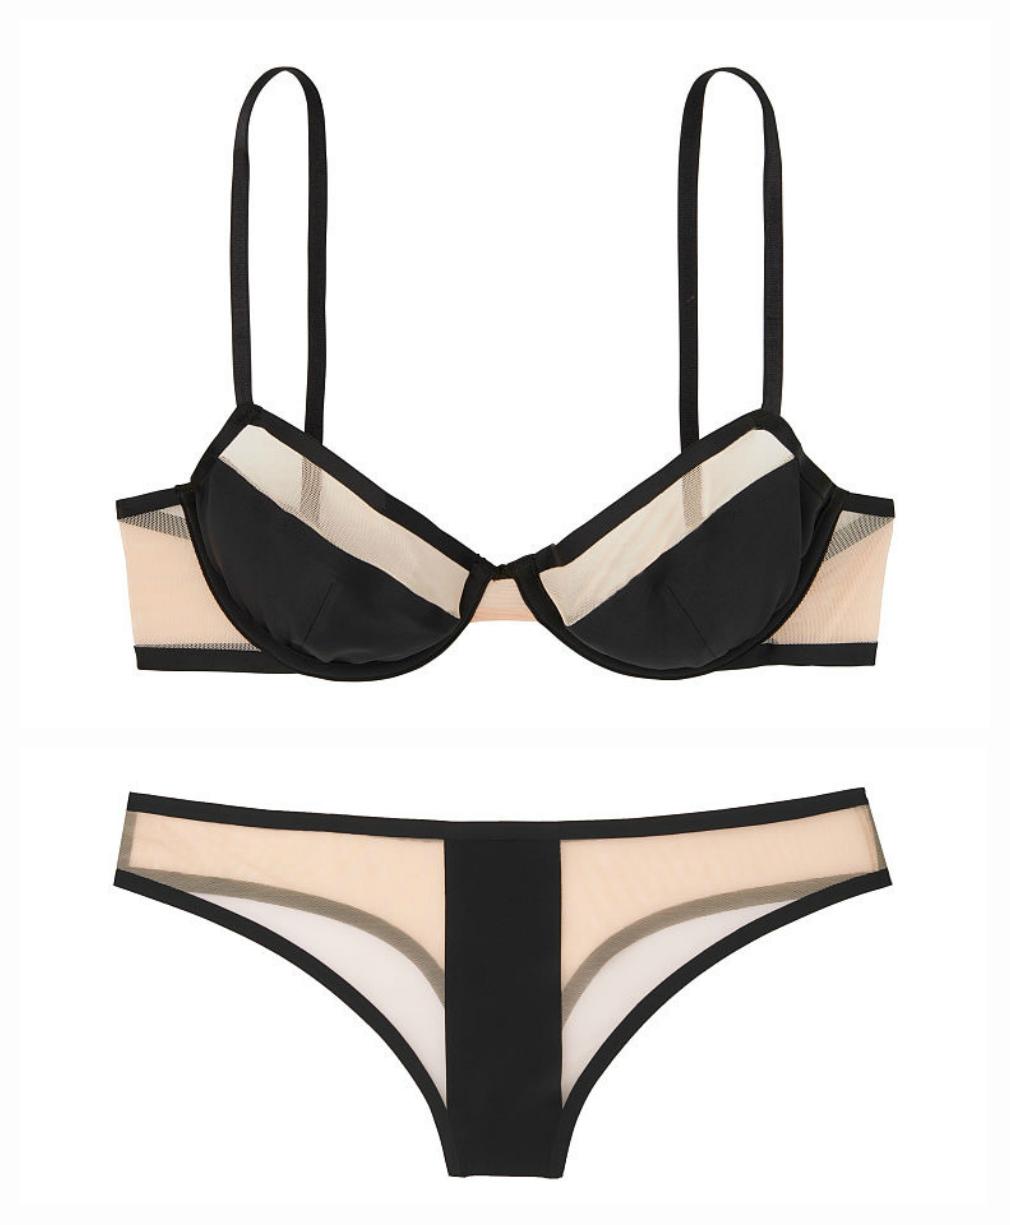 Комплект белья лиф и трусики Victorias Secret оригинал Виктория Сикрет 34C